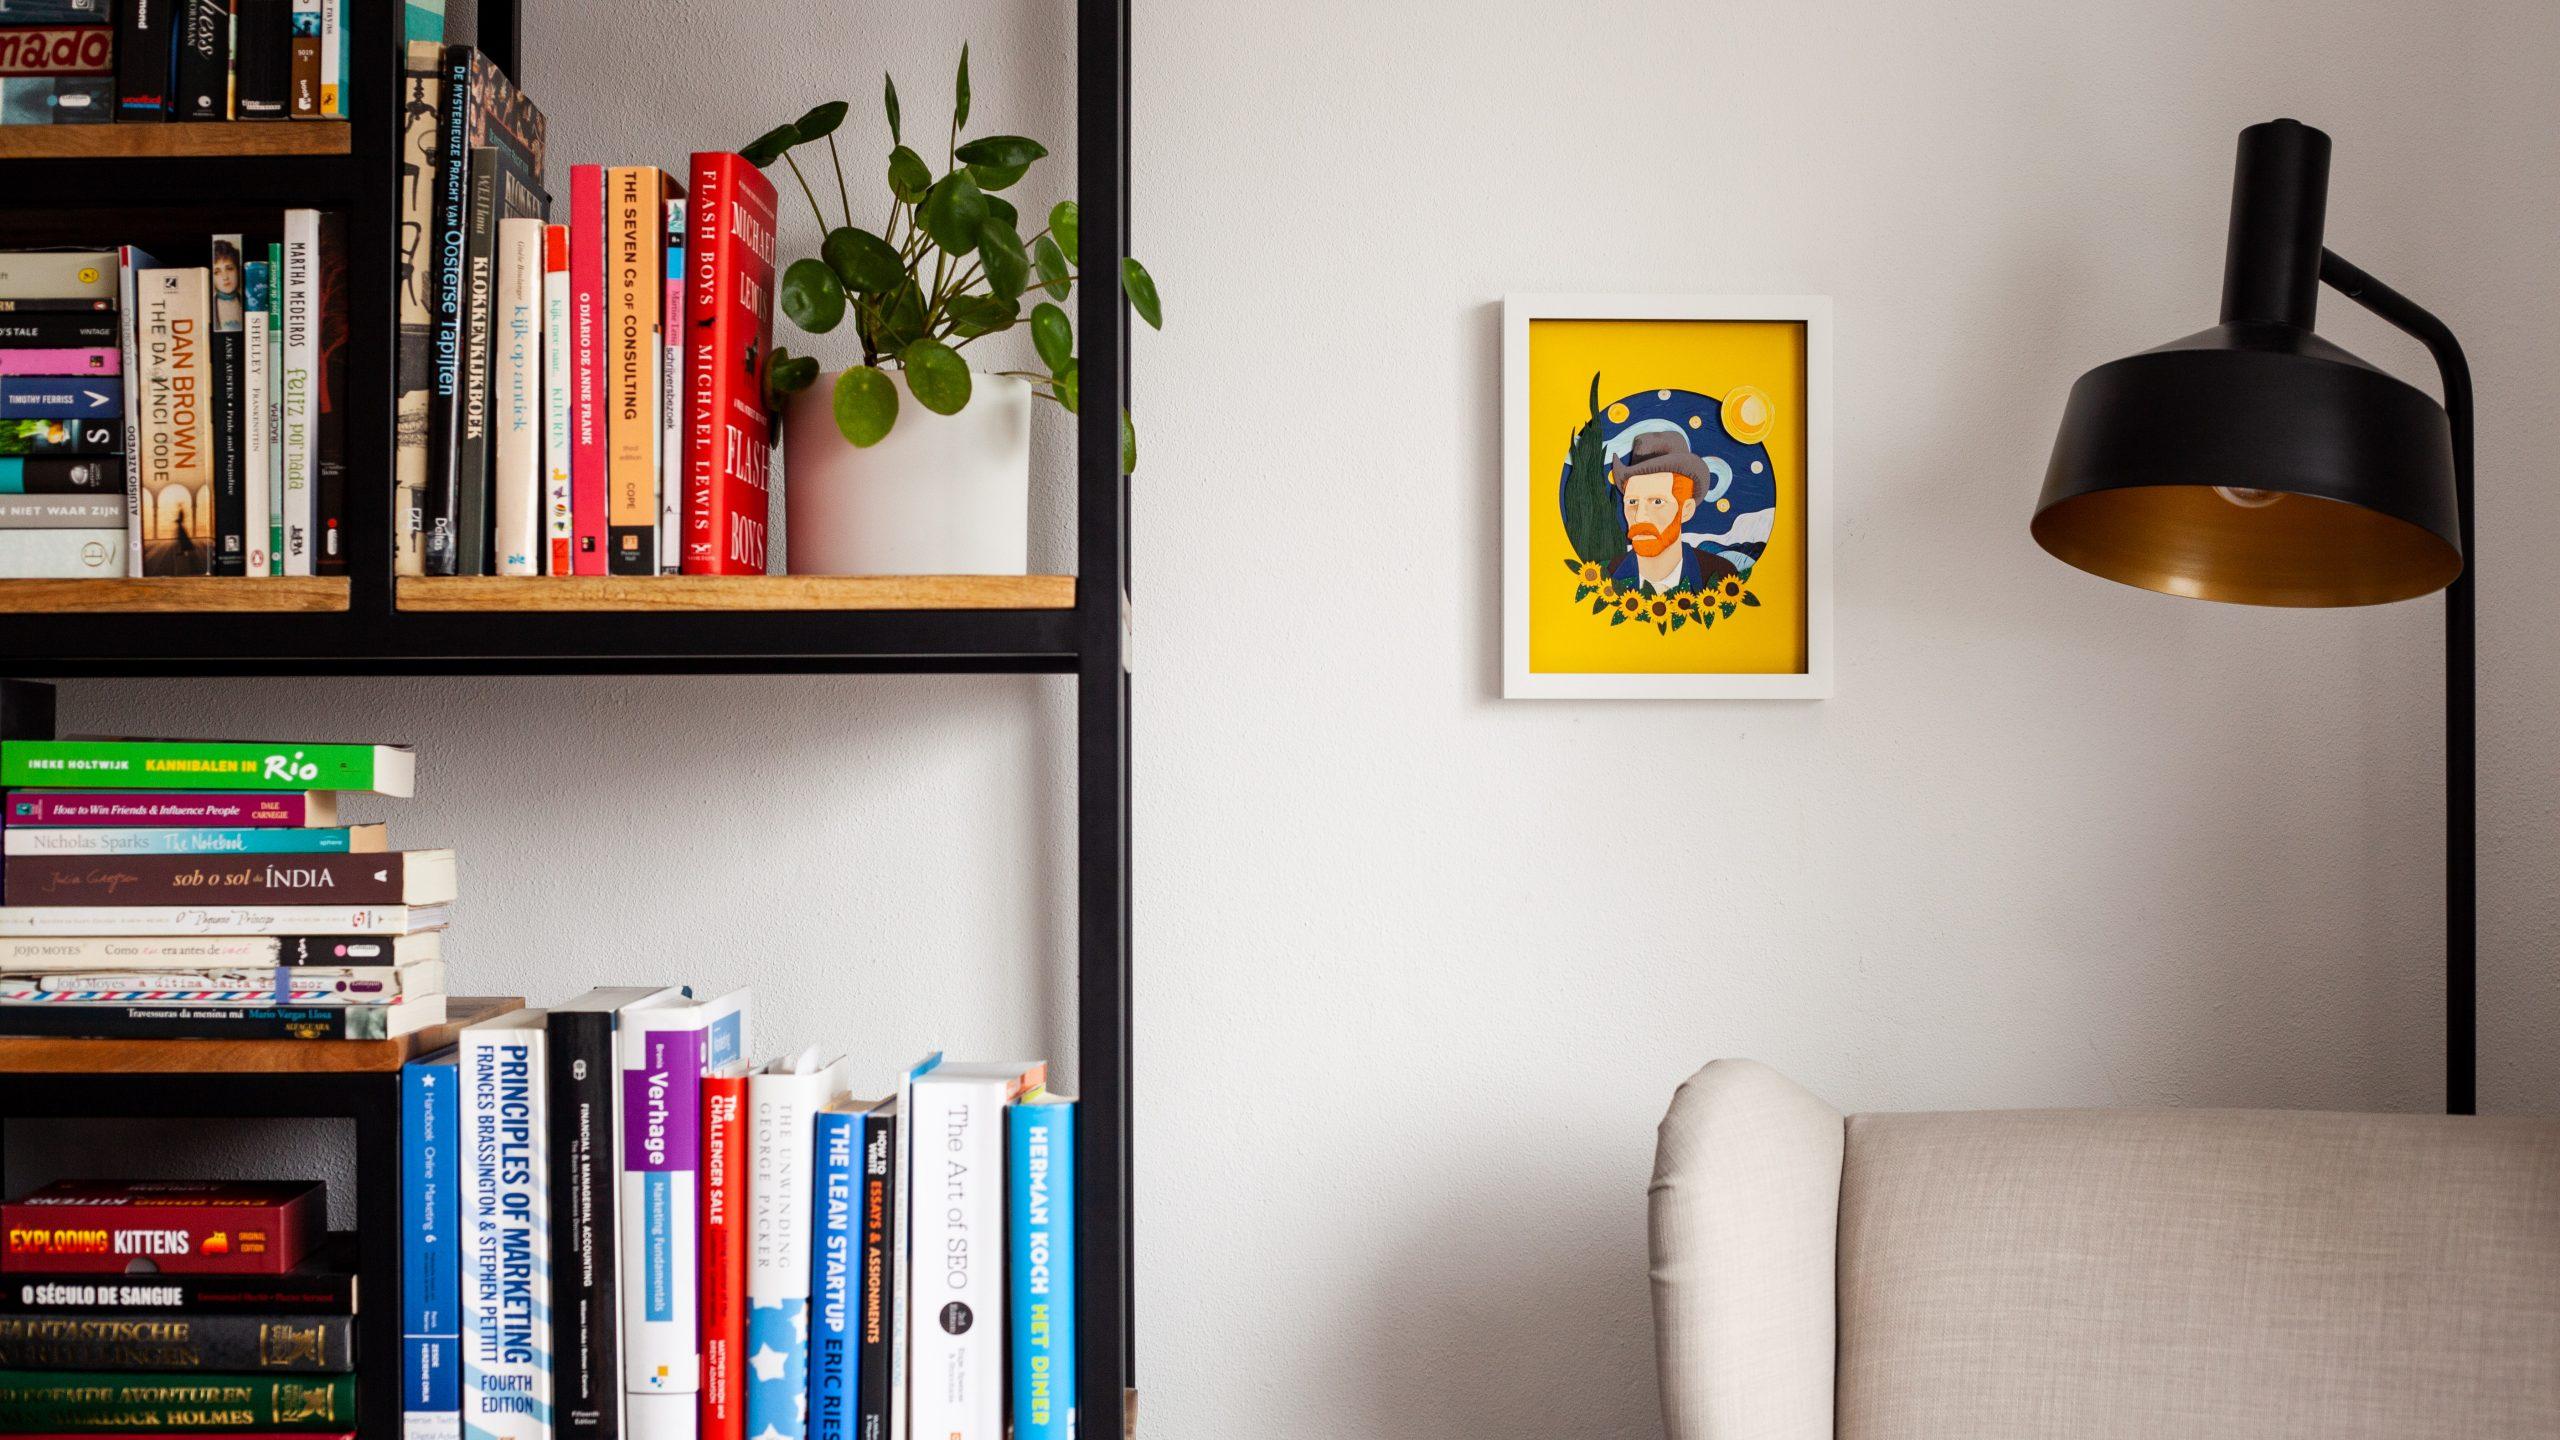 Vincent's mind decoration